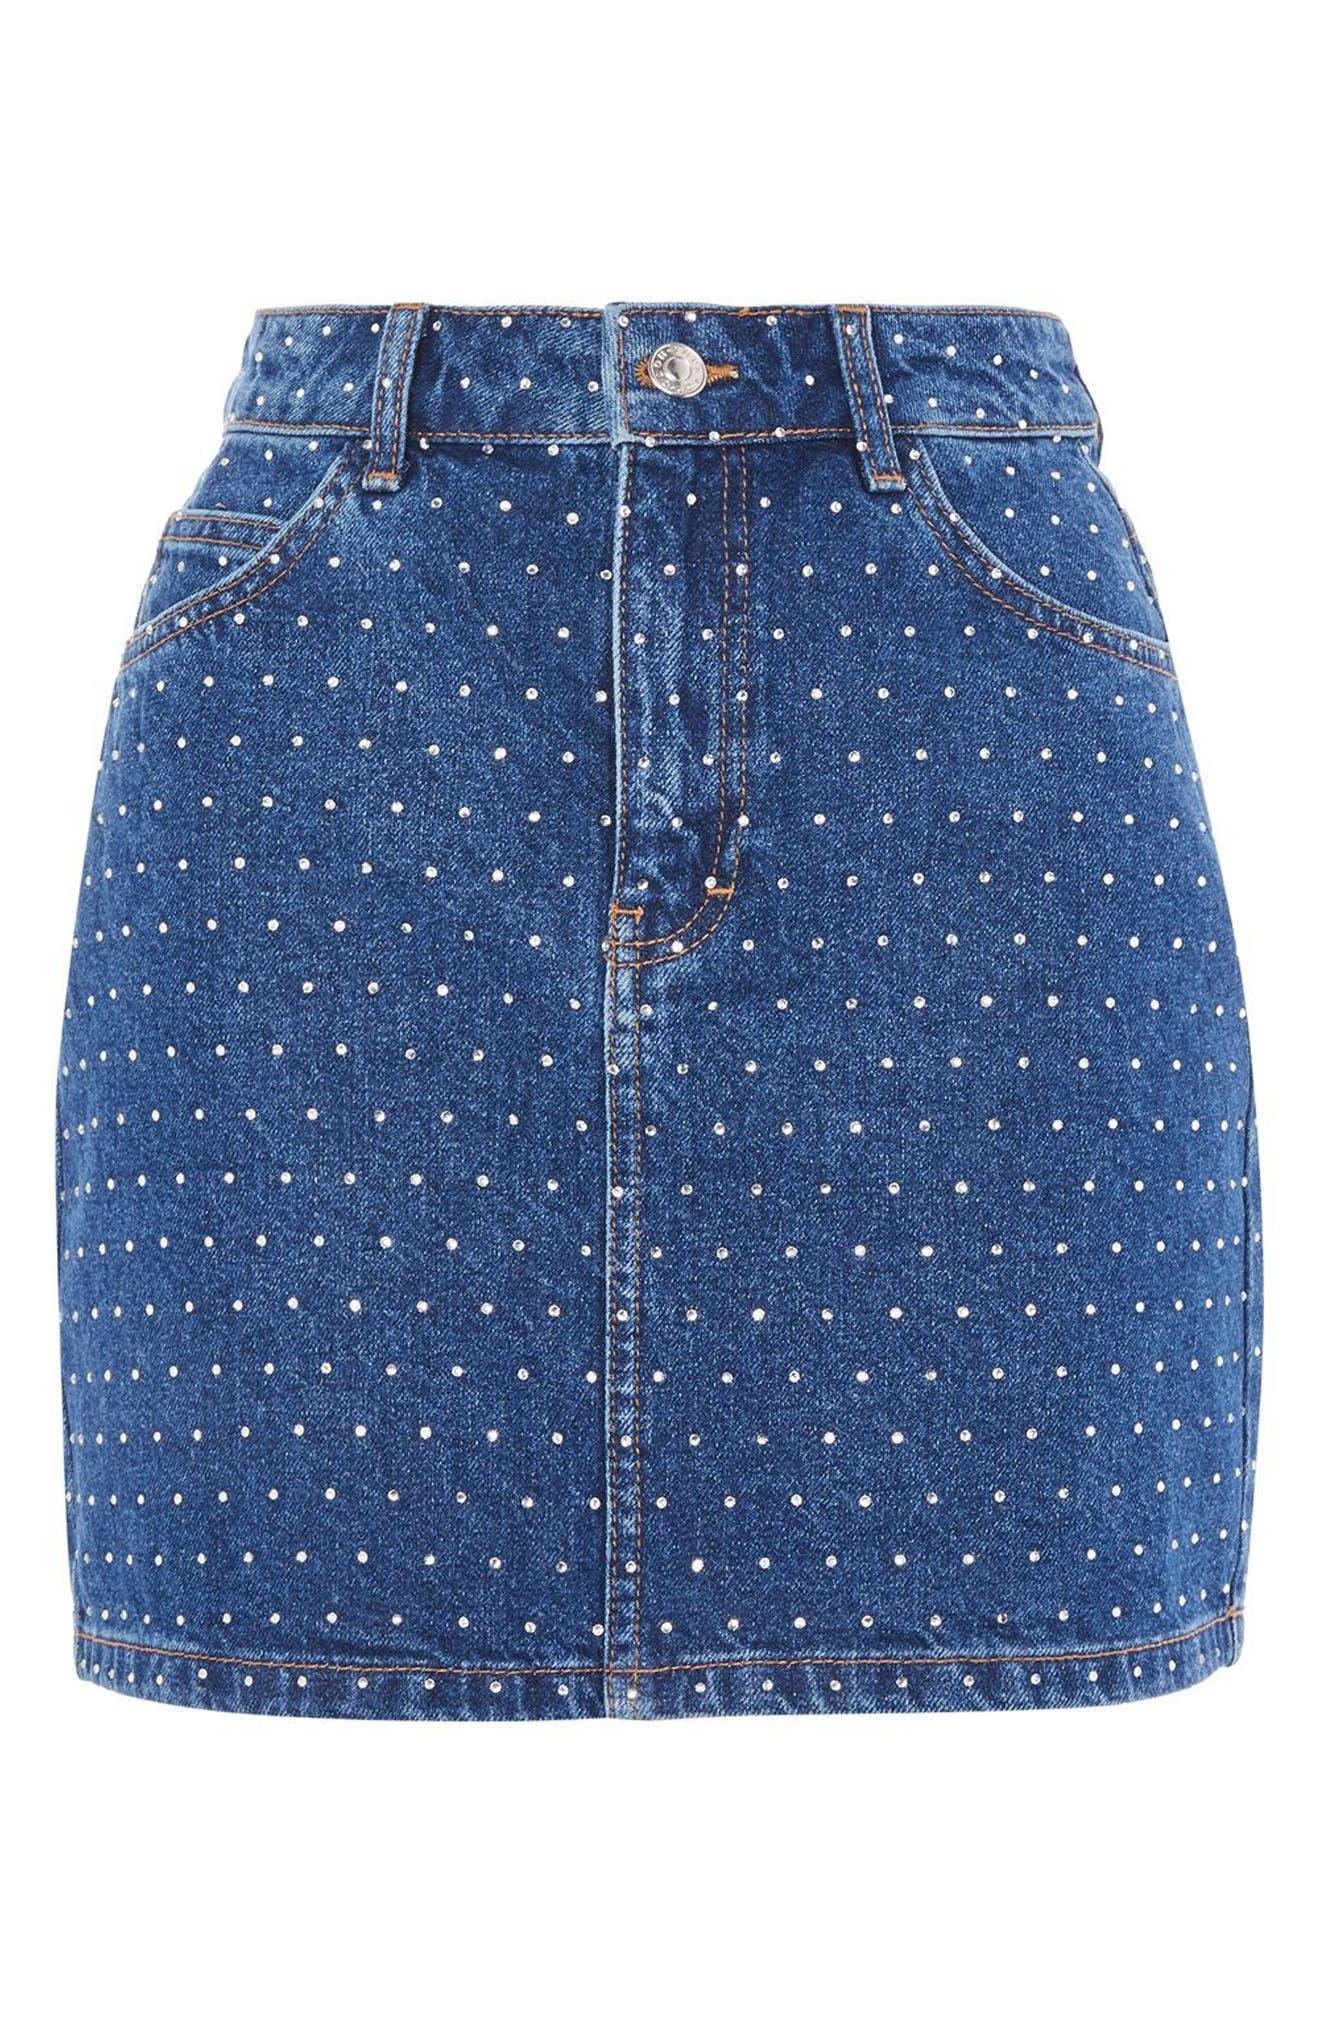 Crystal Studded Denim Miniskirt,                             Alternate thumbnail 3, color,                             400